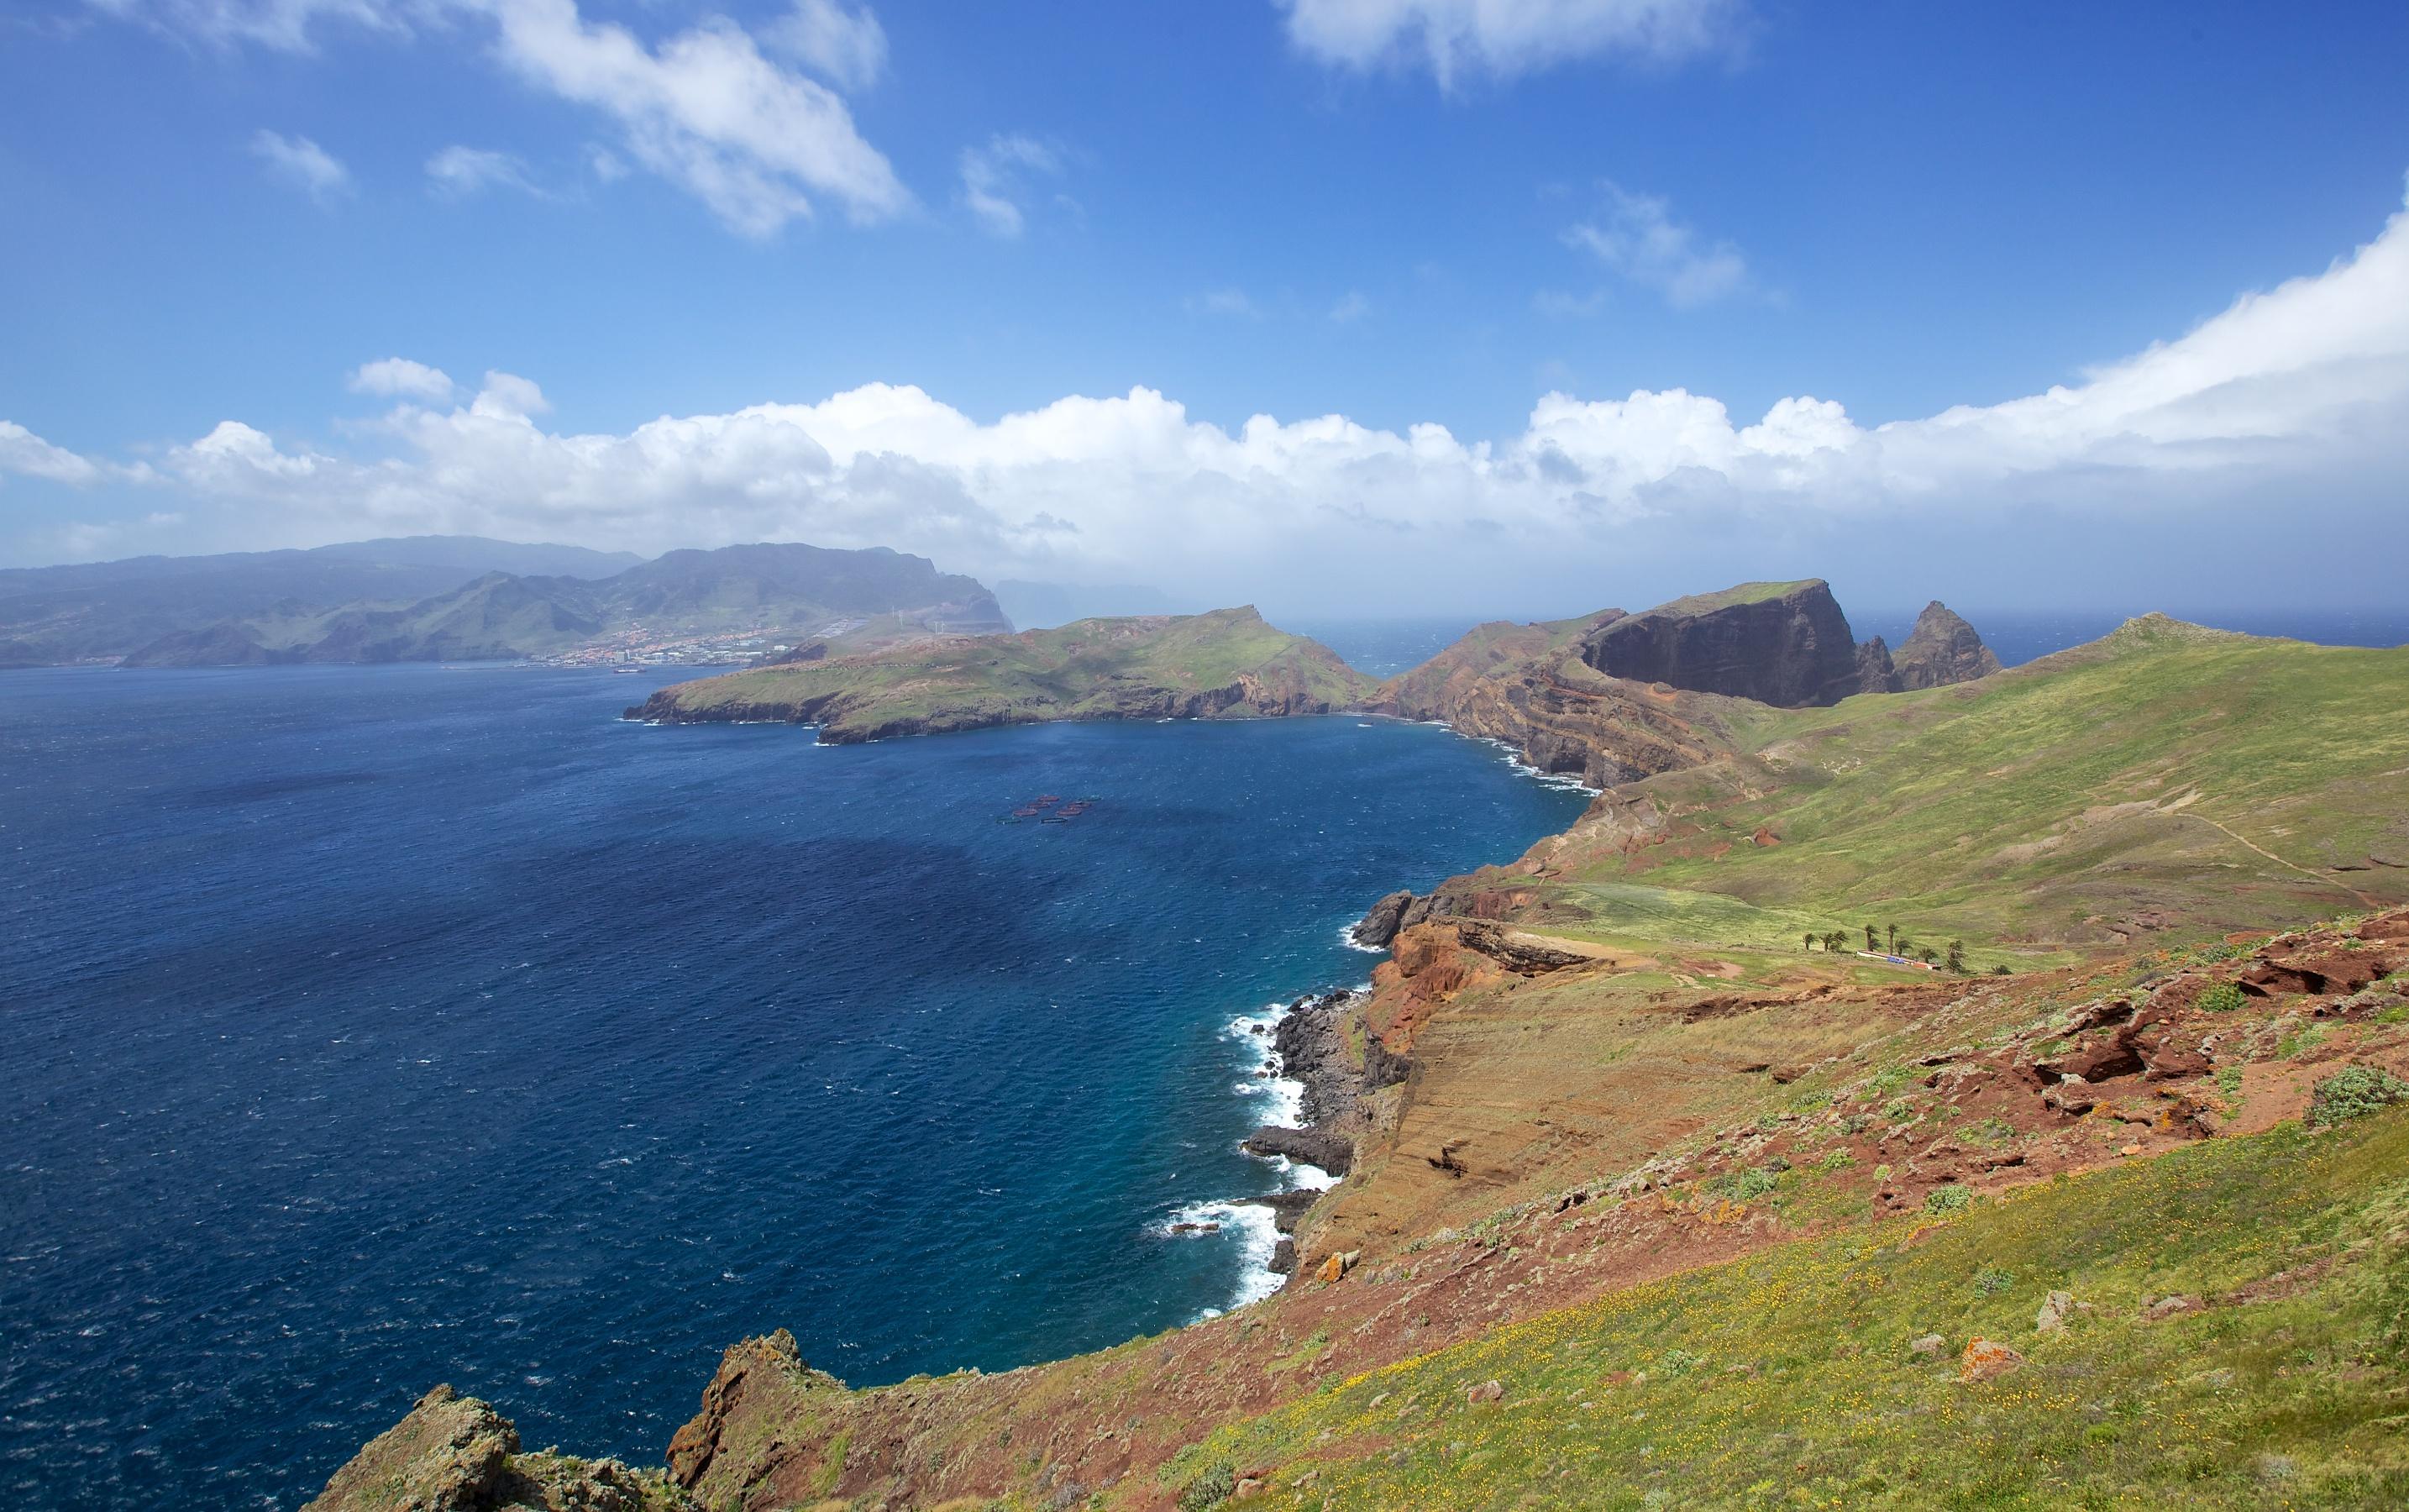 Oferta de viaje a Madeira: 8 días por 519€